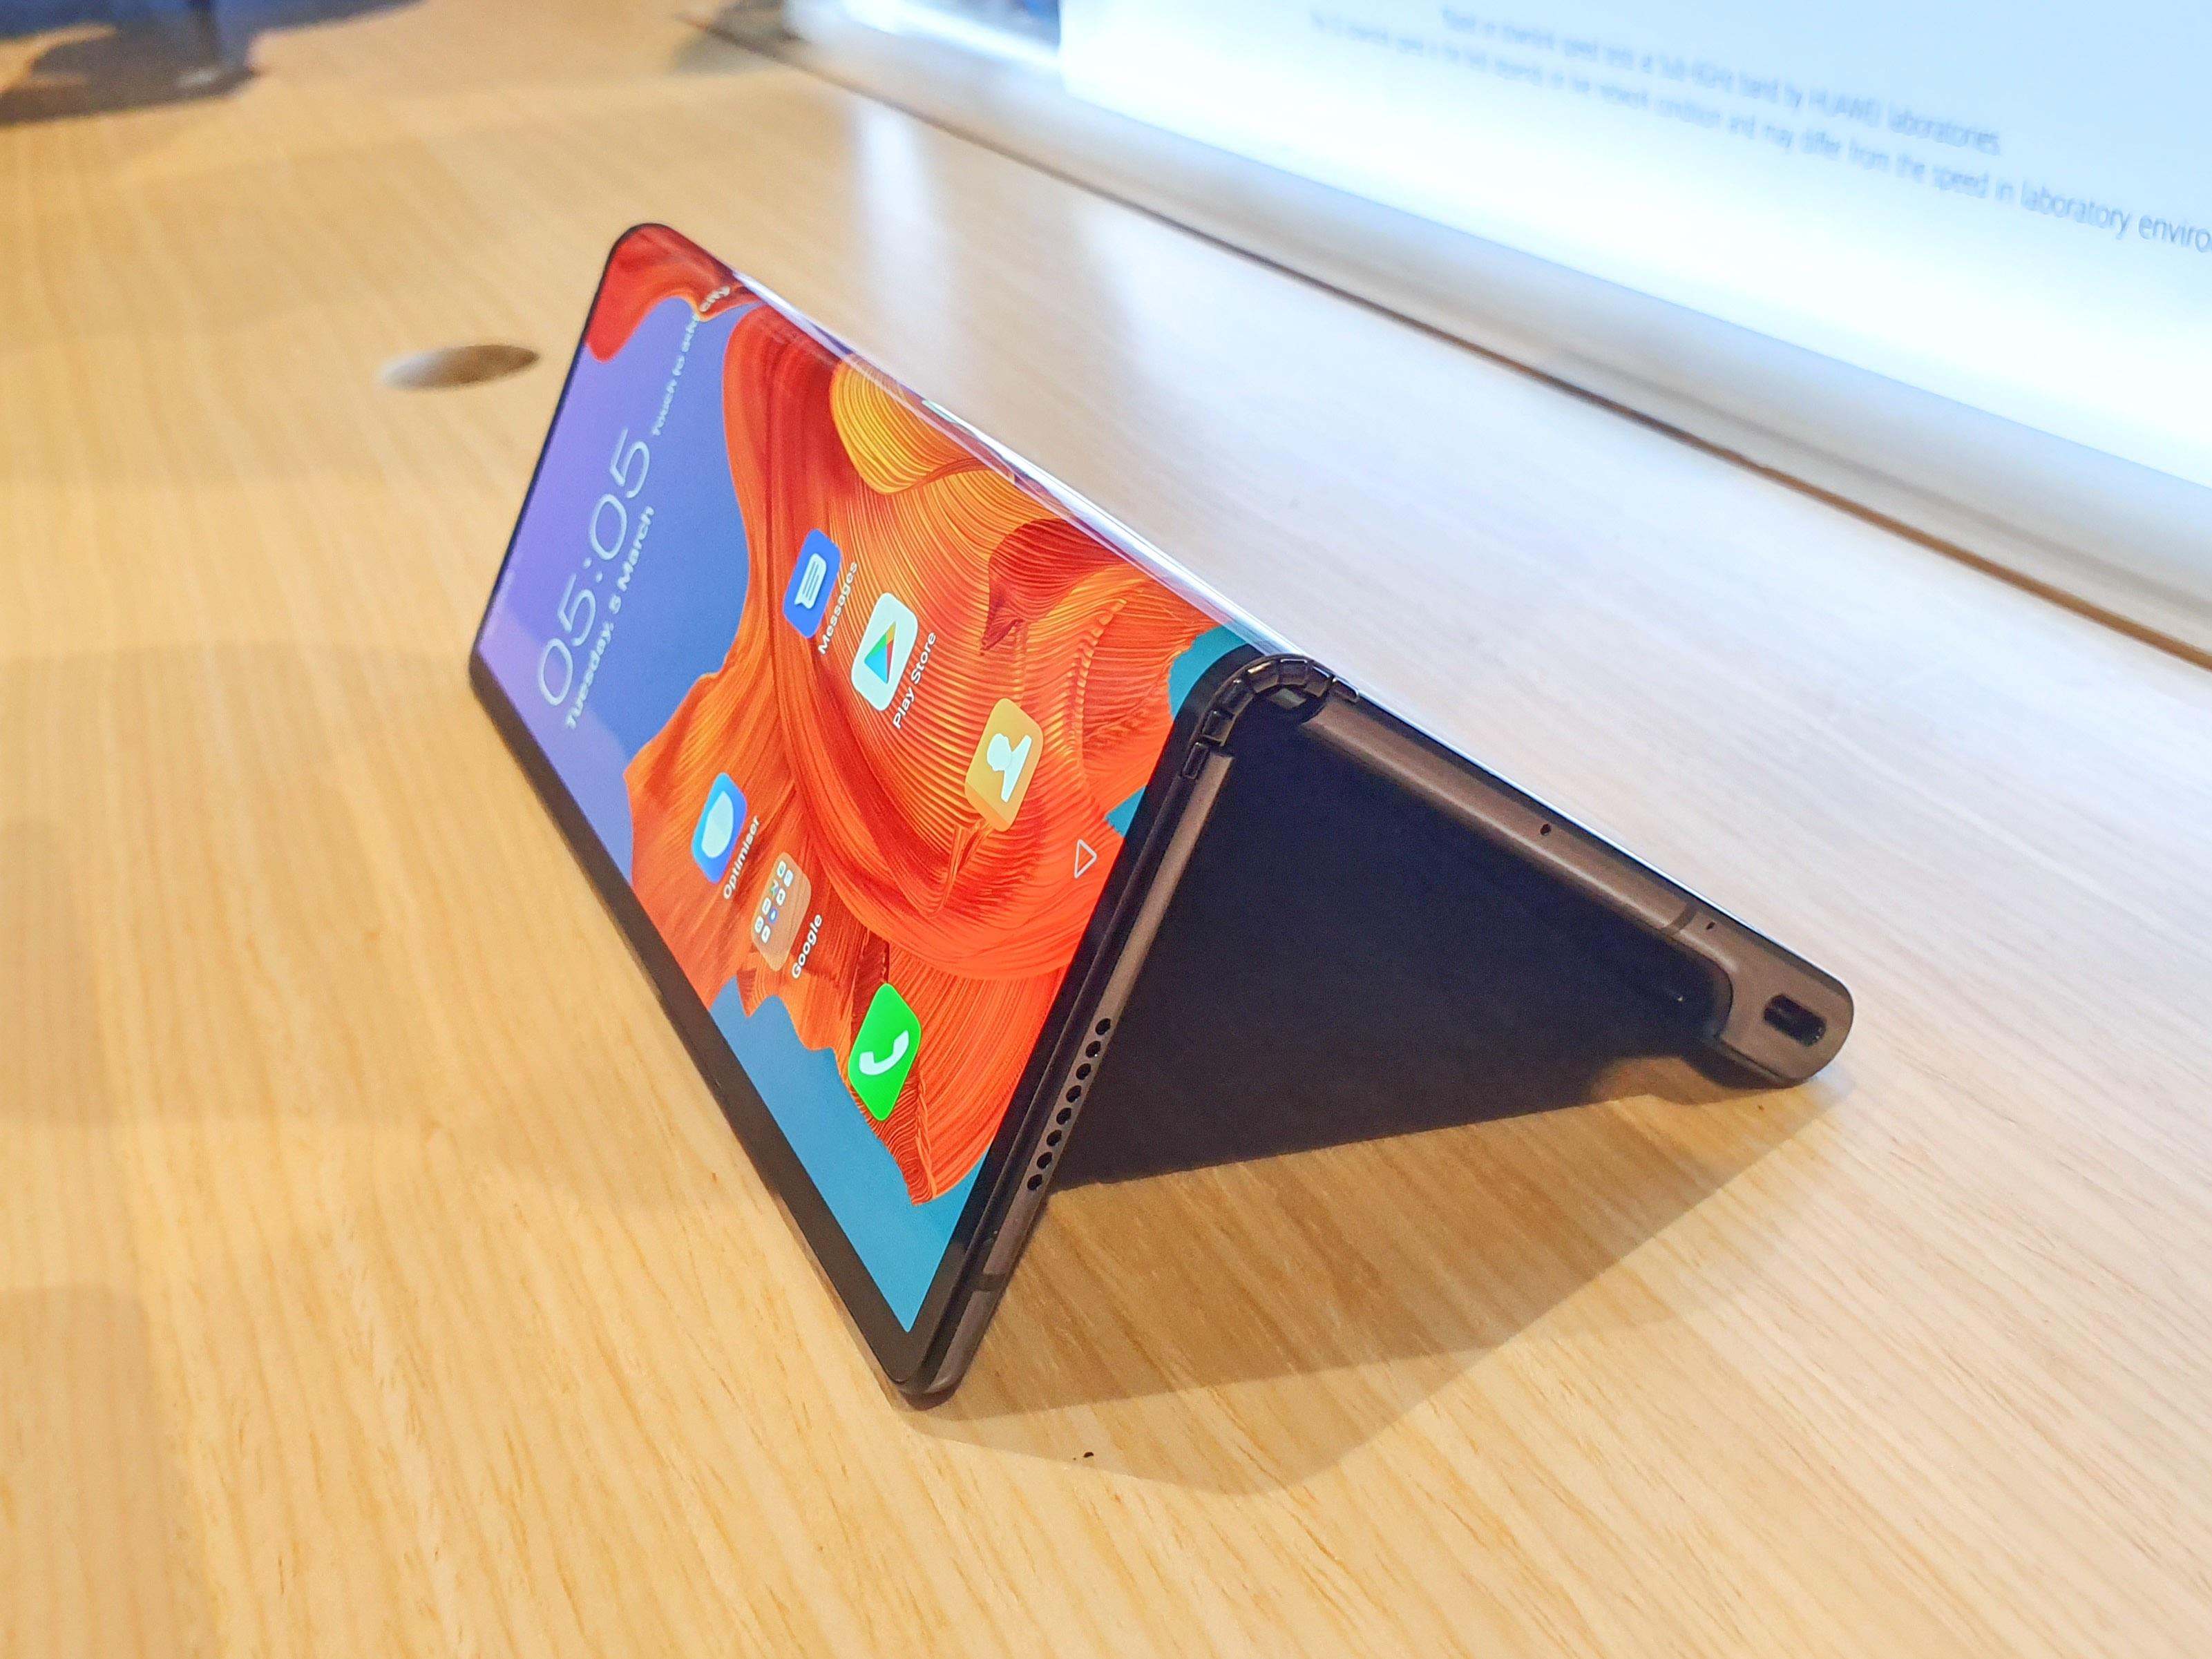 Cận cảnh Huawei Mate X màn hình gập giá trên 60 triệu đồng tại Việt Nam